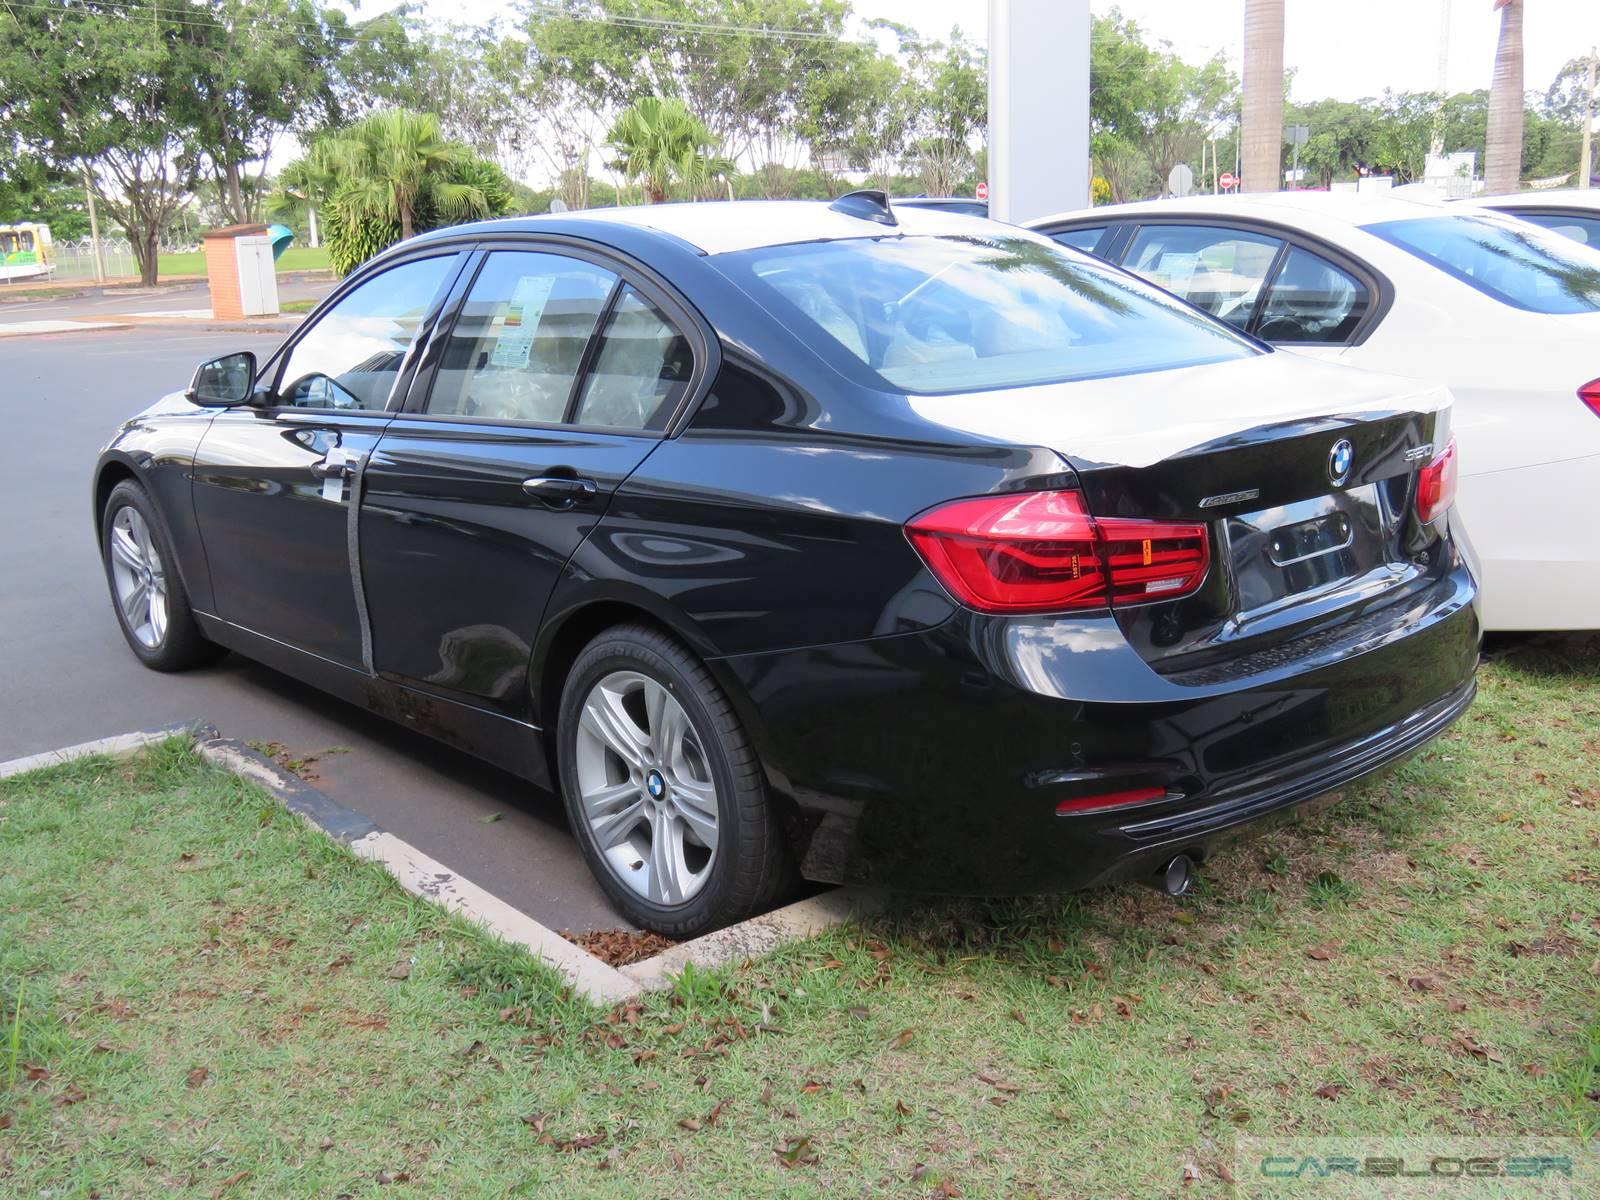 BMW Série 3 inicia 2016 como sedã de luxo mais vendido